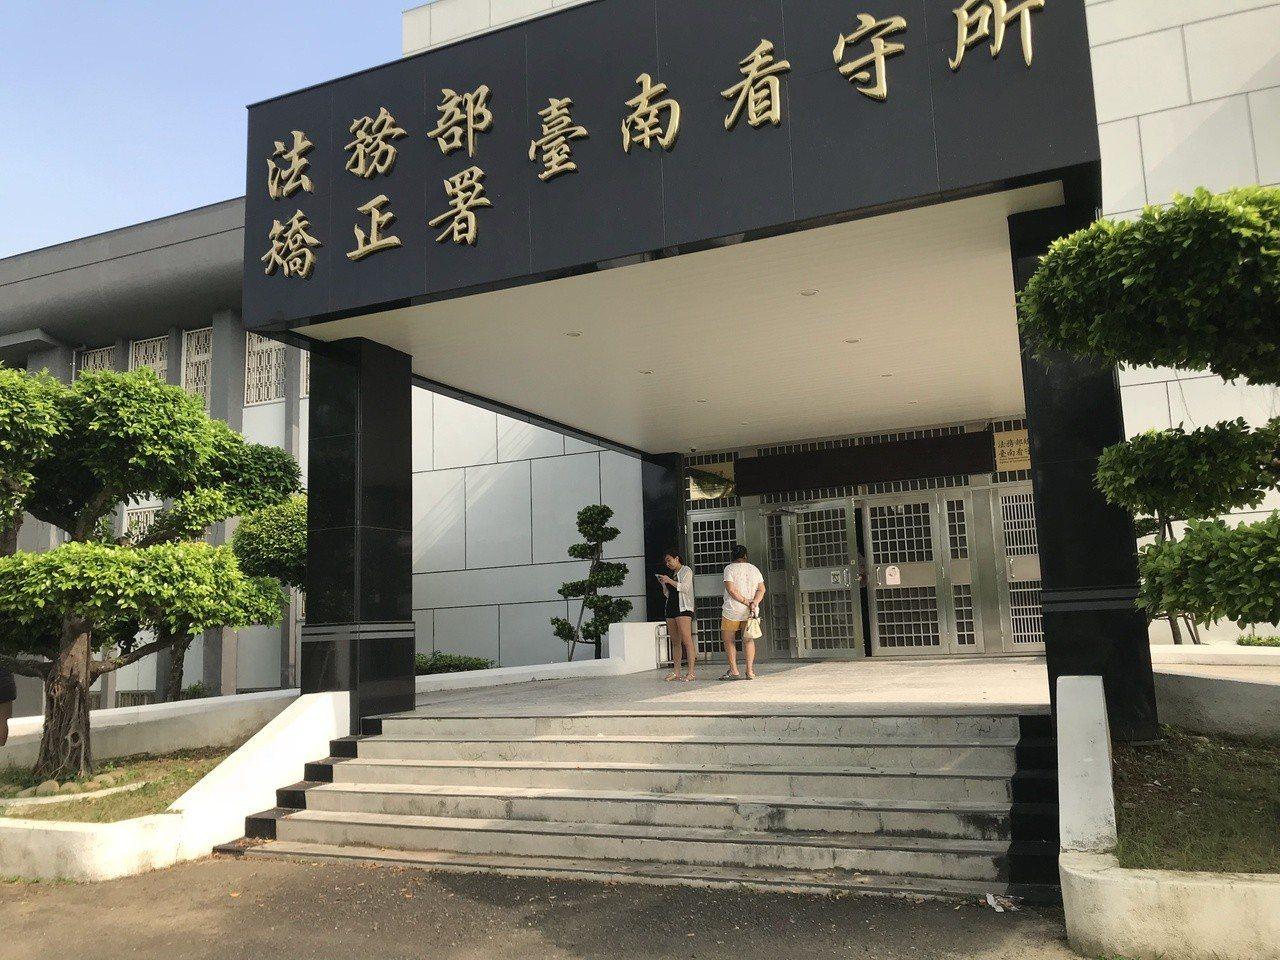 台南看守所今舉辦中秋懇親,共有六位死囚家屬前來懇親。記者綦守鈺/攝影